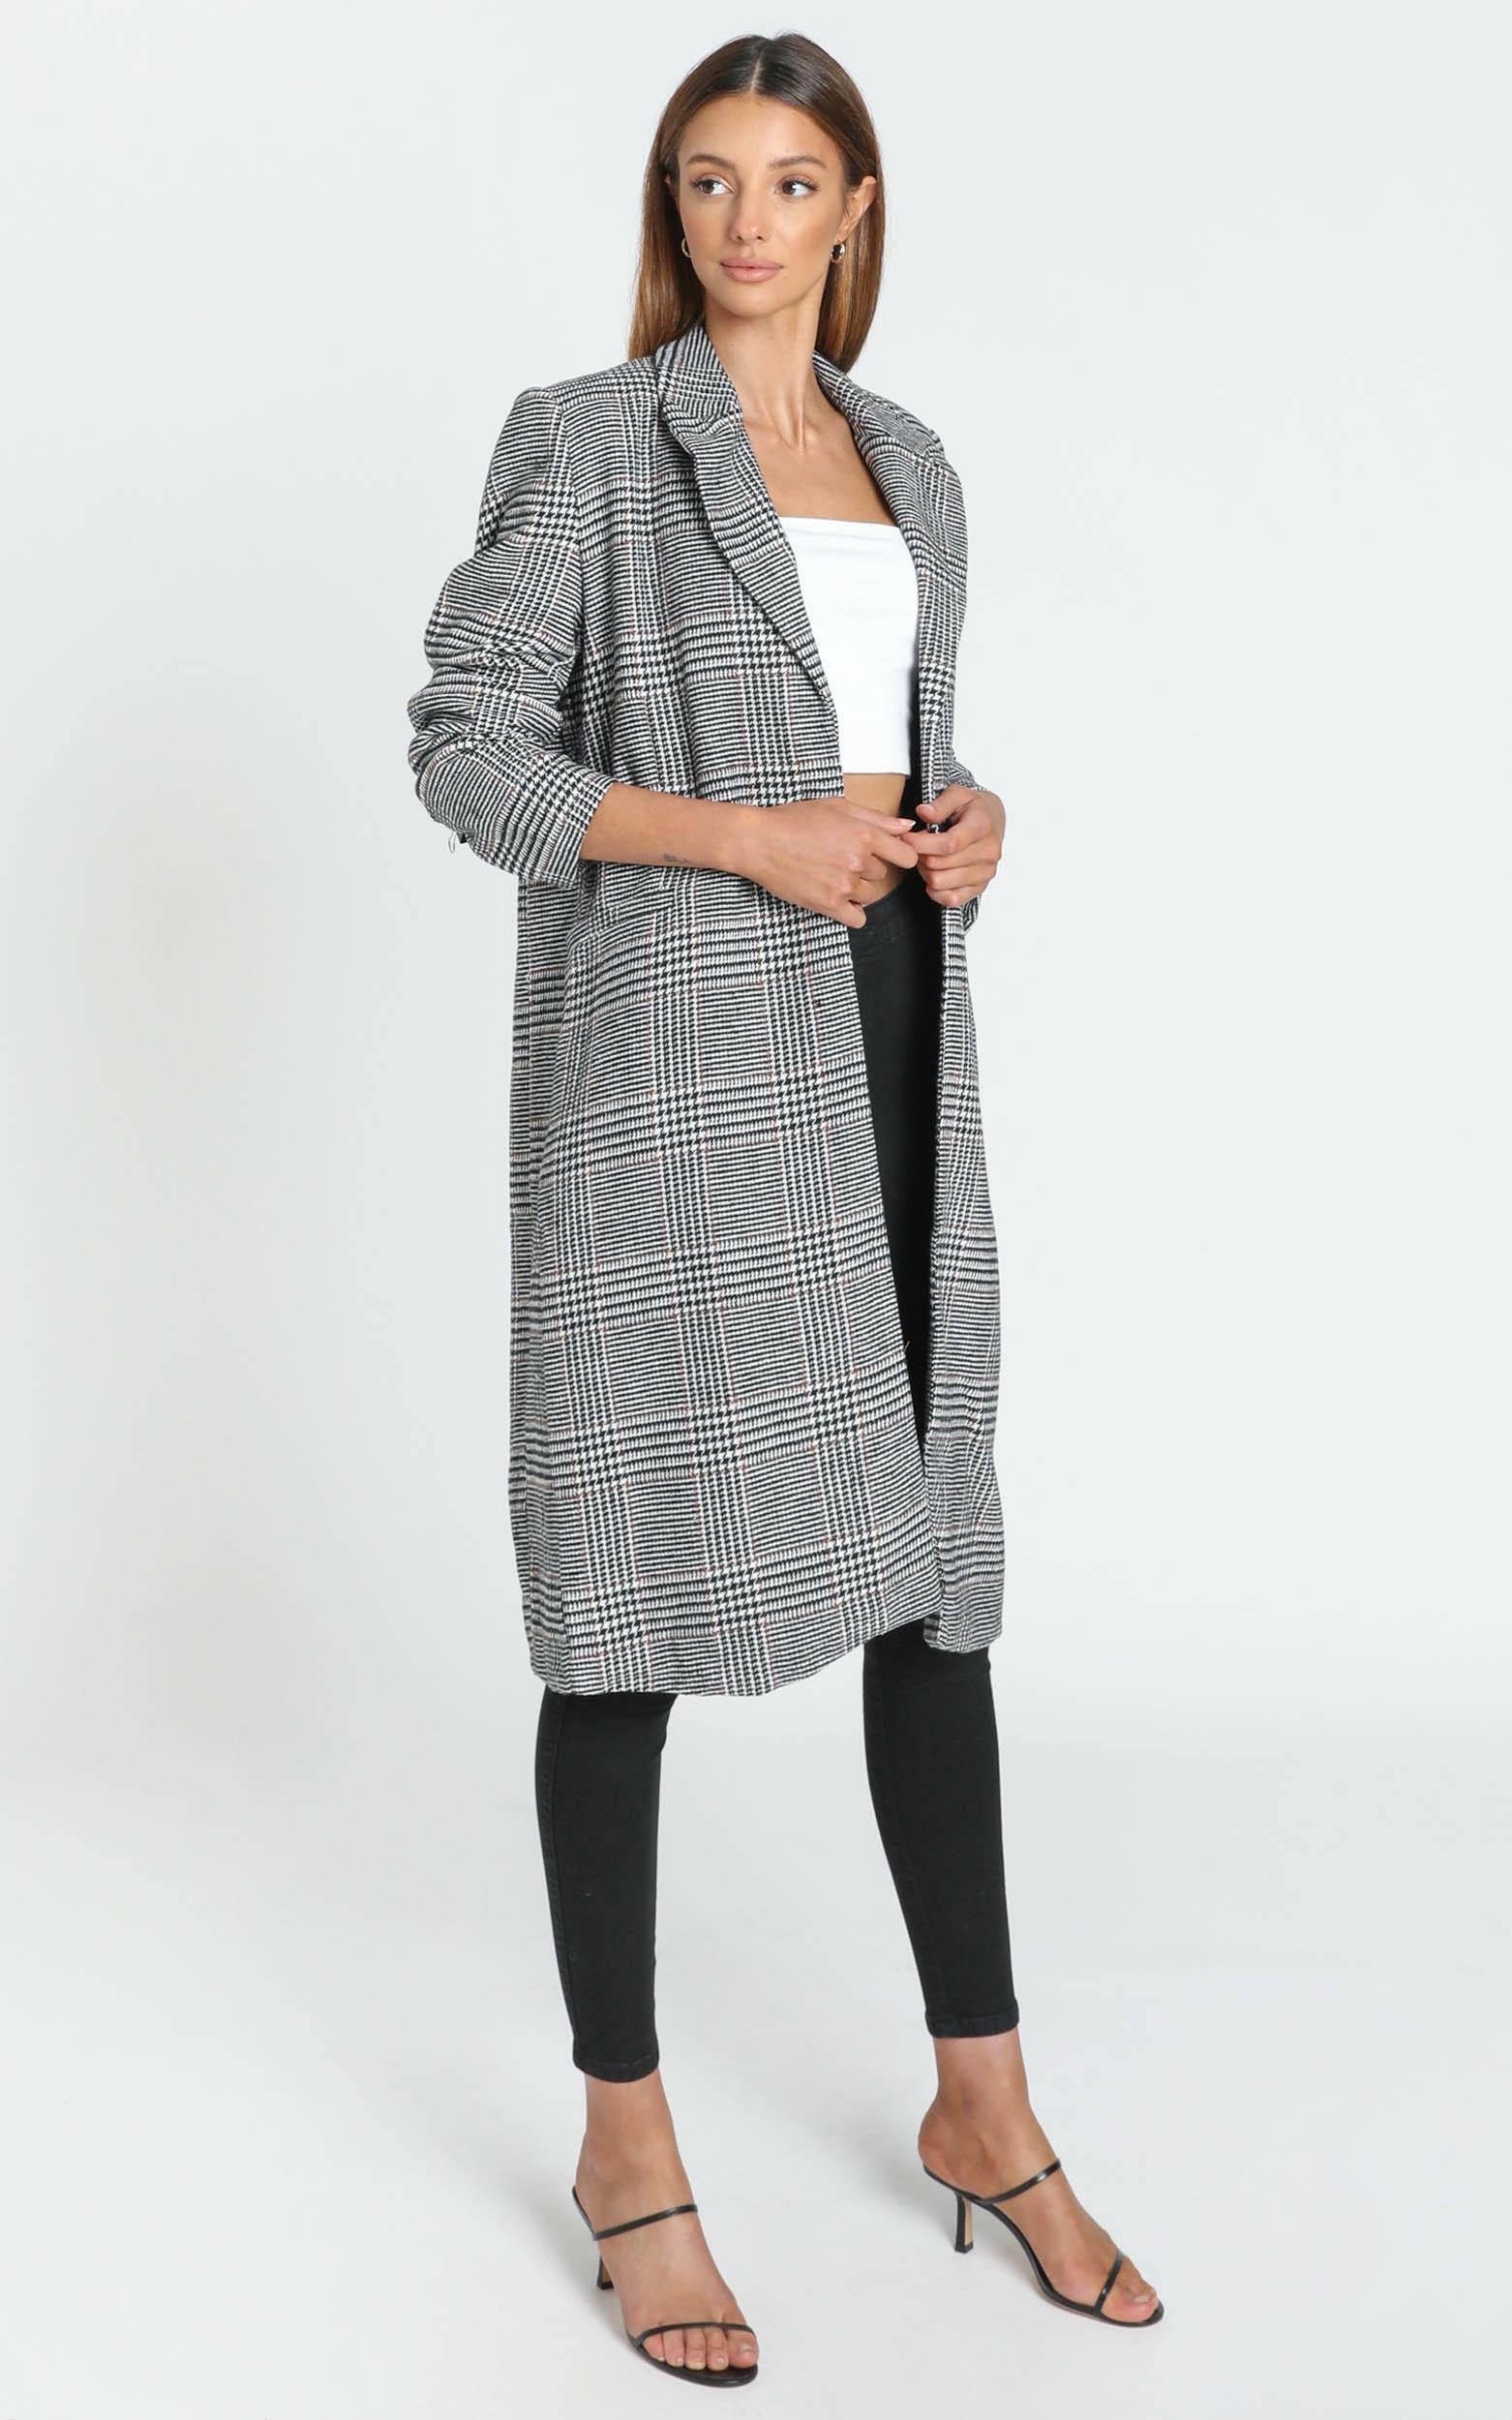 Aidan Coat in Black Check - 6 (XS), Black, hi-res image number null